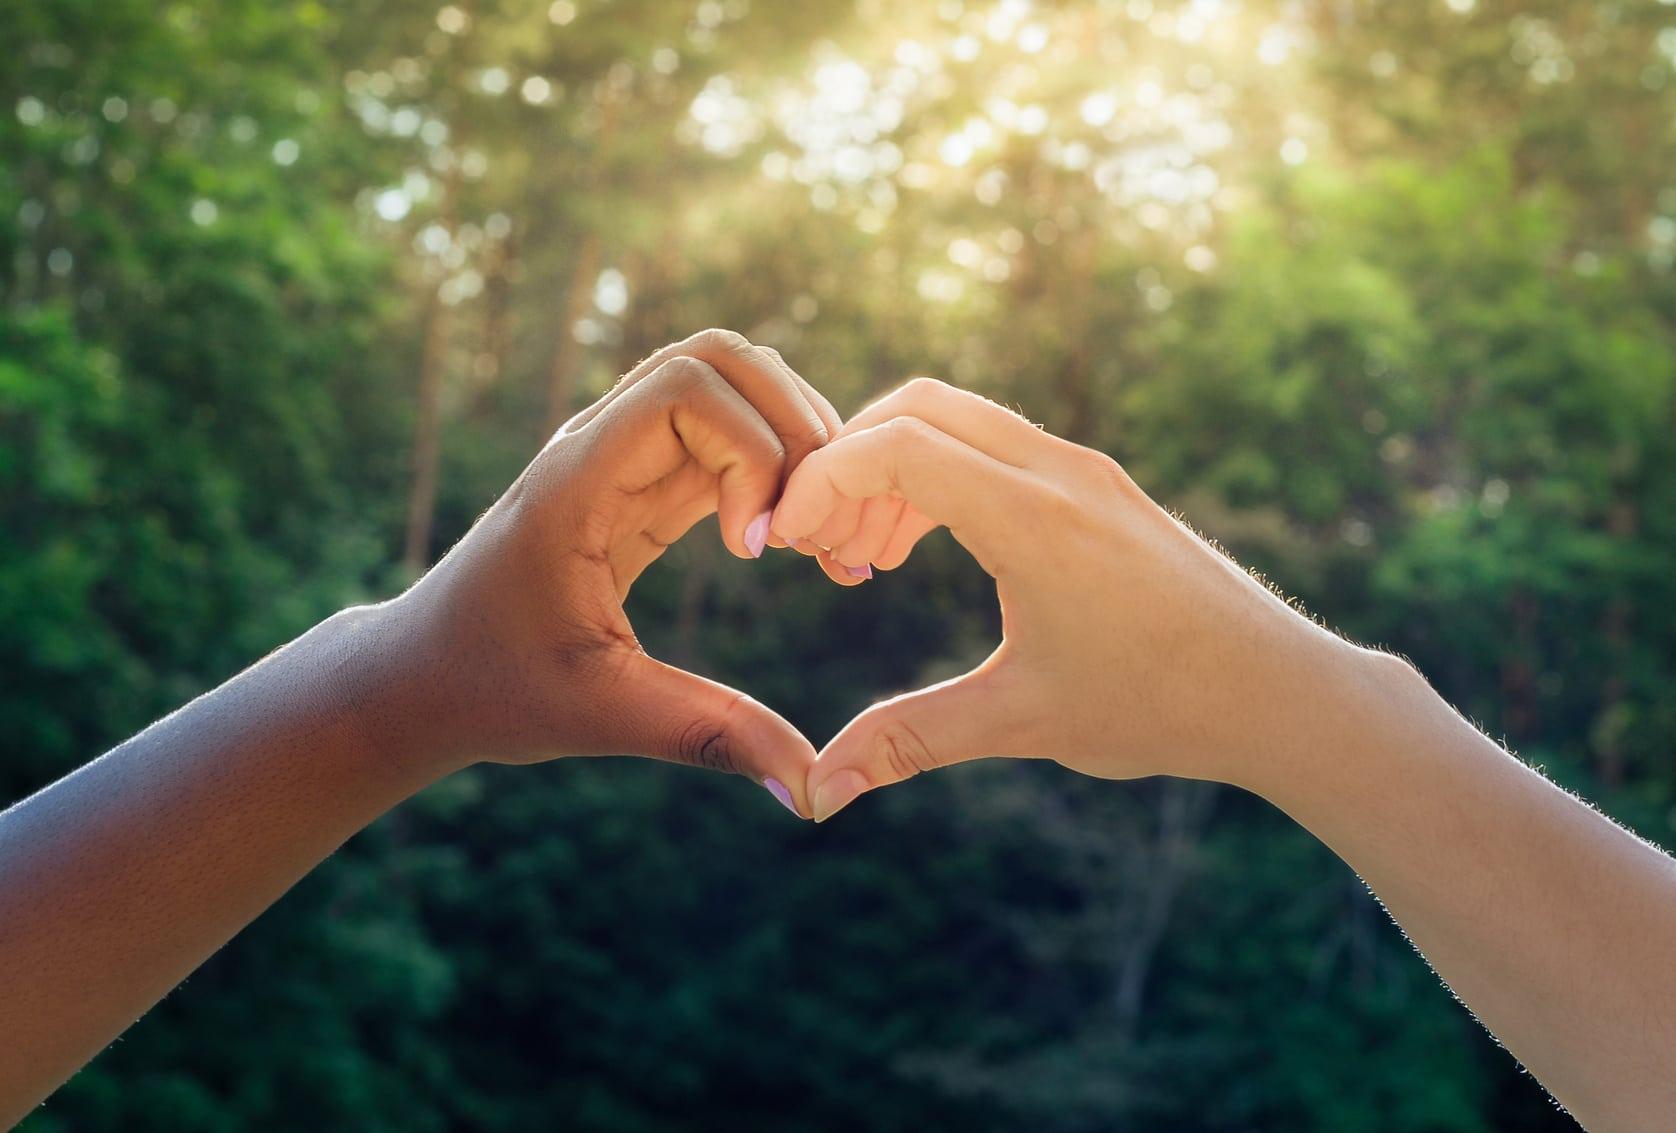 Kulttuurinen empatia edellyttää toisen ymmärtämistä tai hyväksymistä